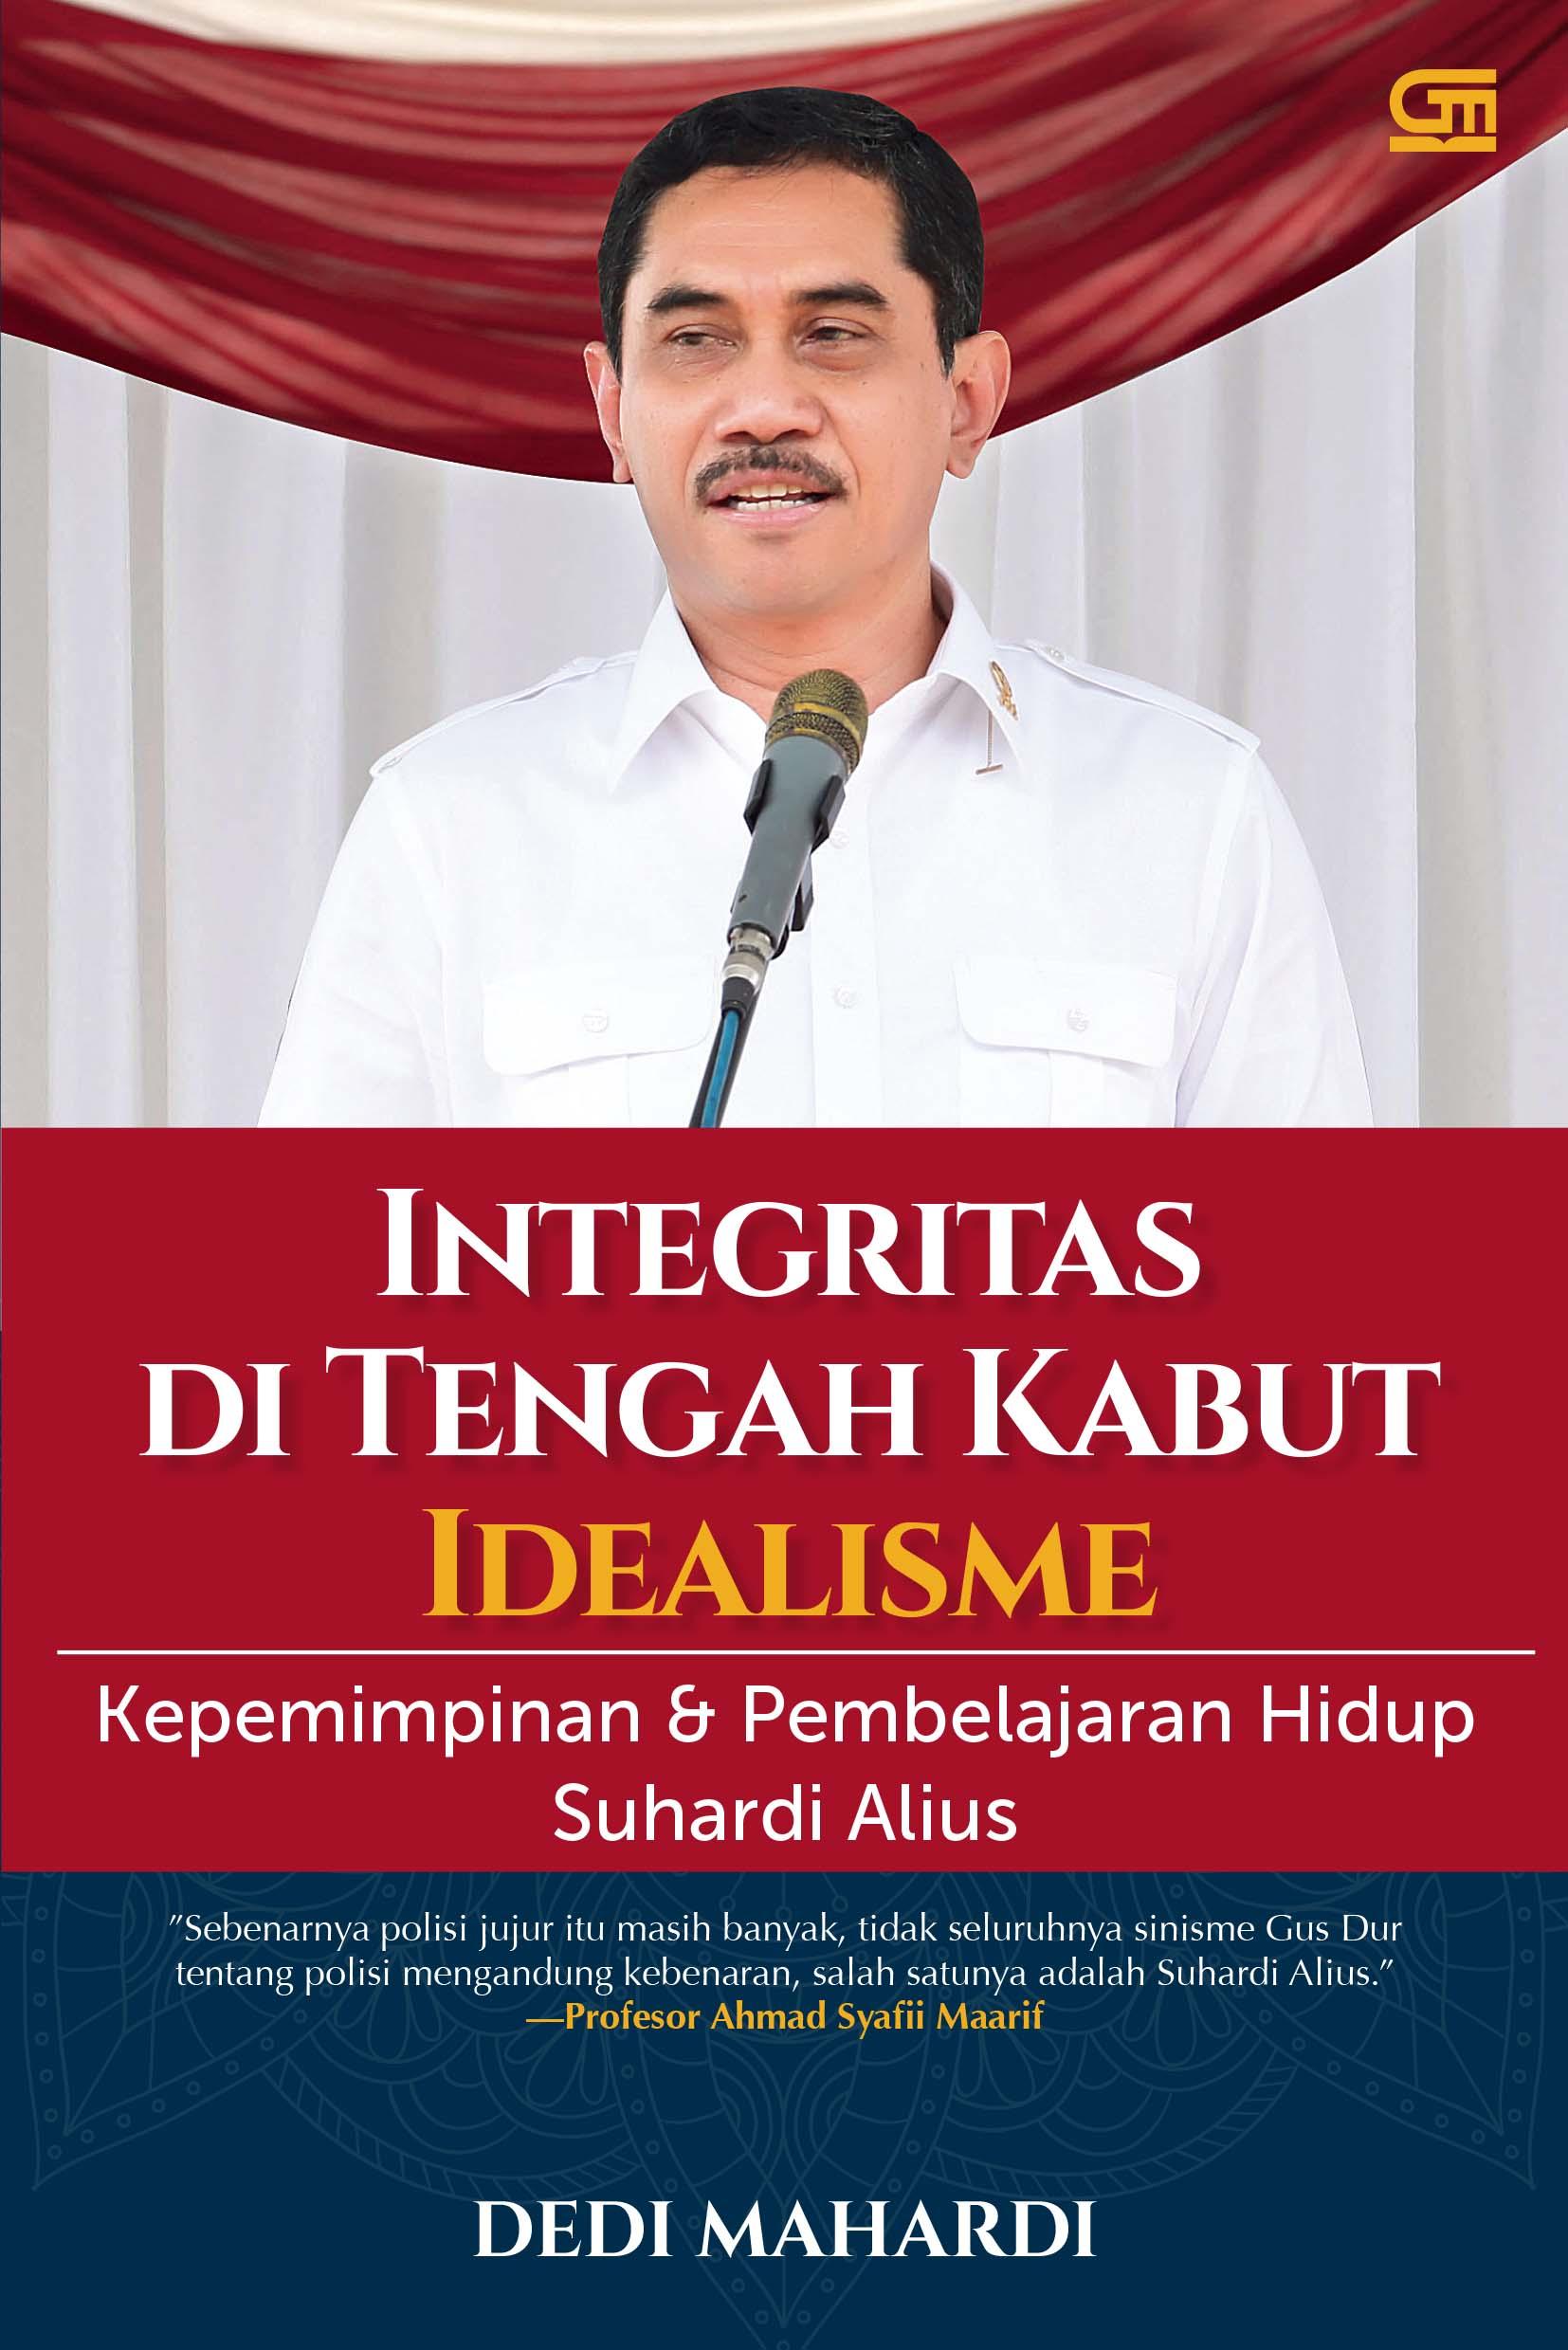 Integritas di Tengah Kabut Idealisme